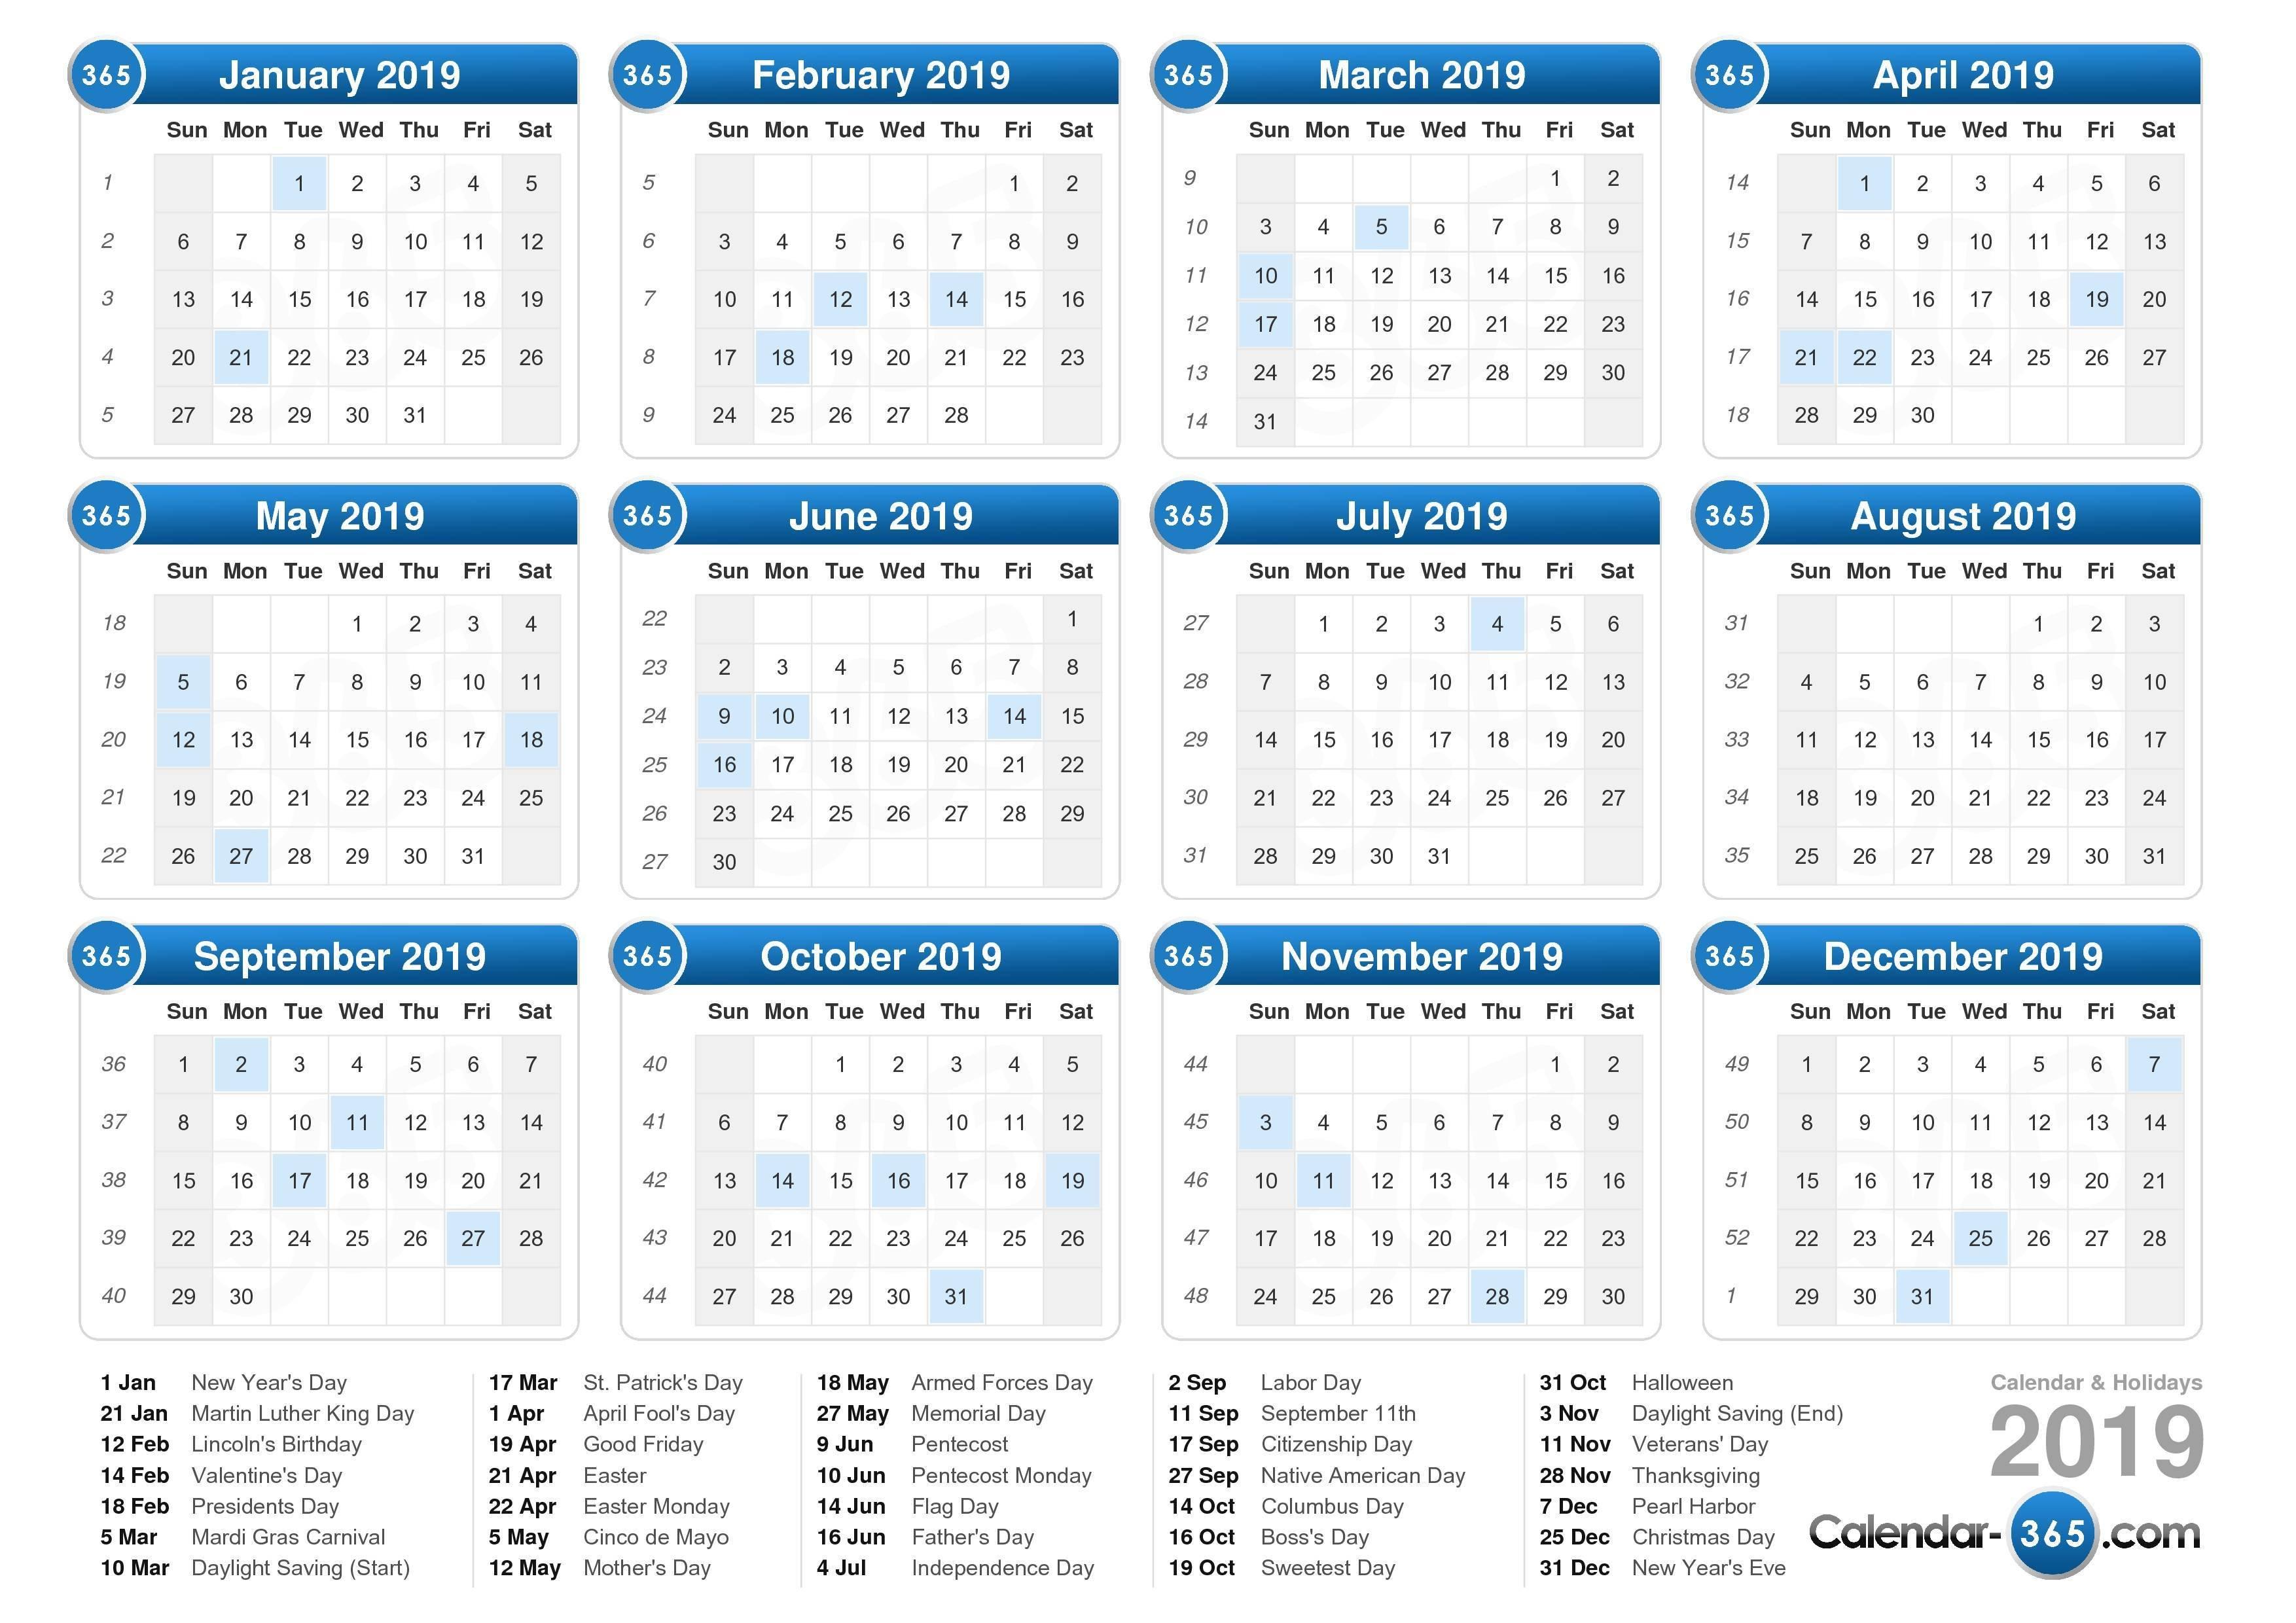 2019 Calendar Calendar Week 10 2019